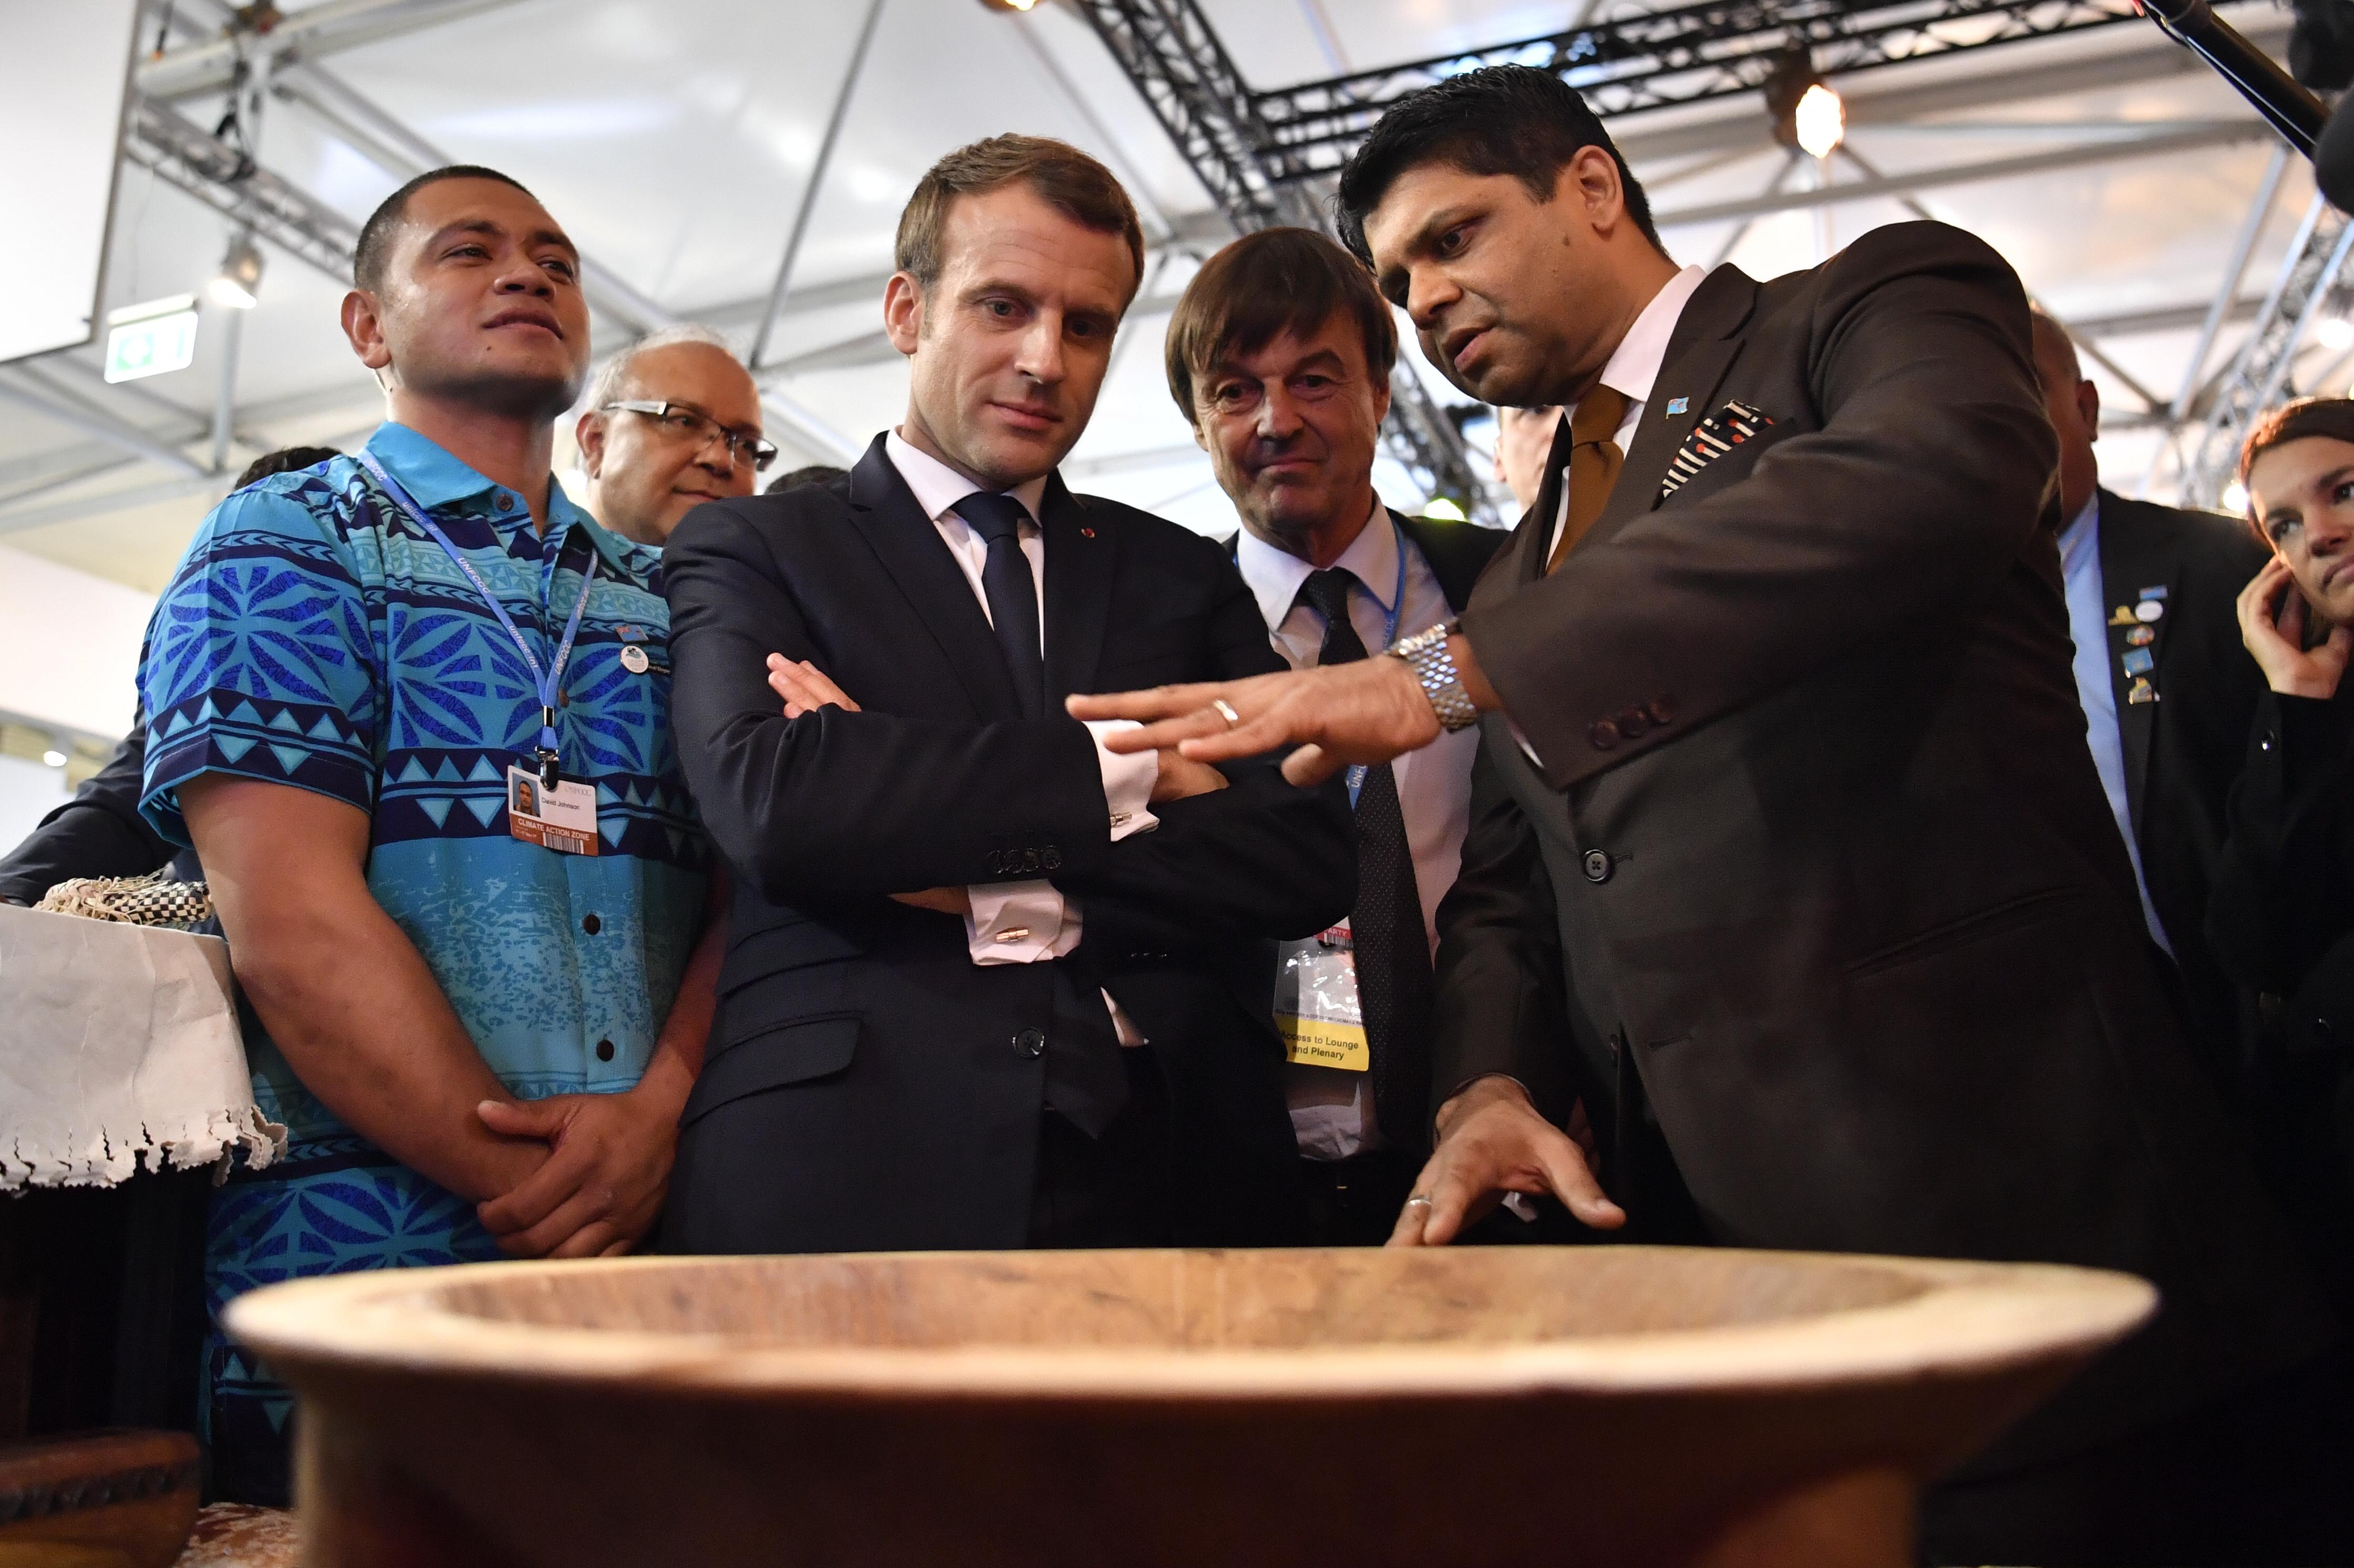 Az életünkért küzdünk, mondta Fiji klímaváltozásügyi minisztere